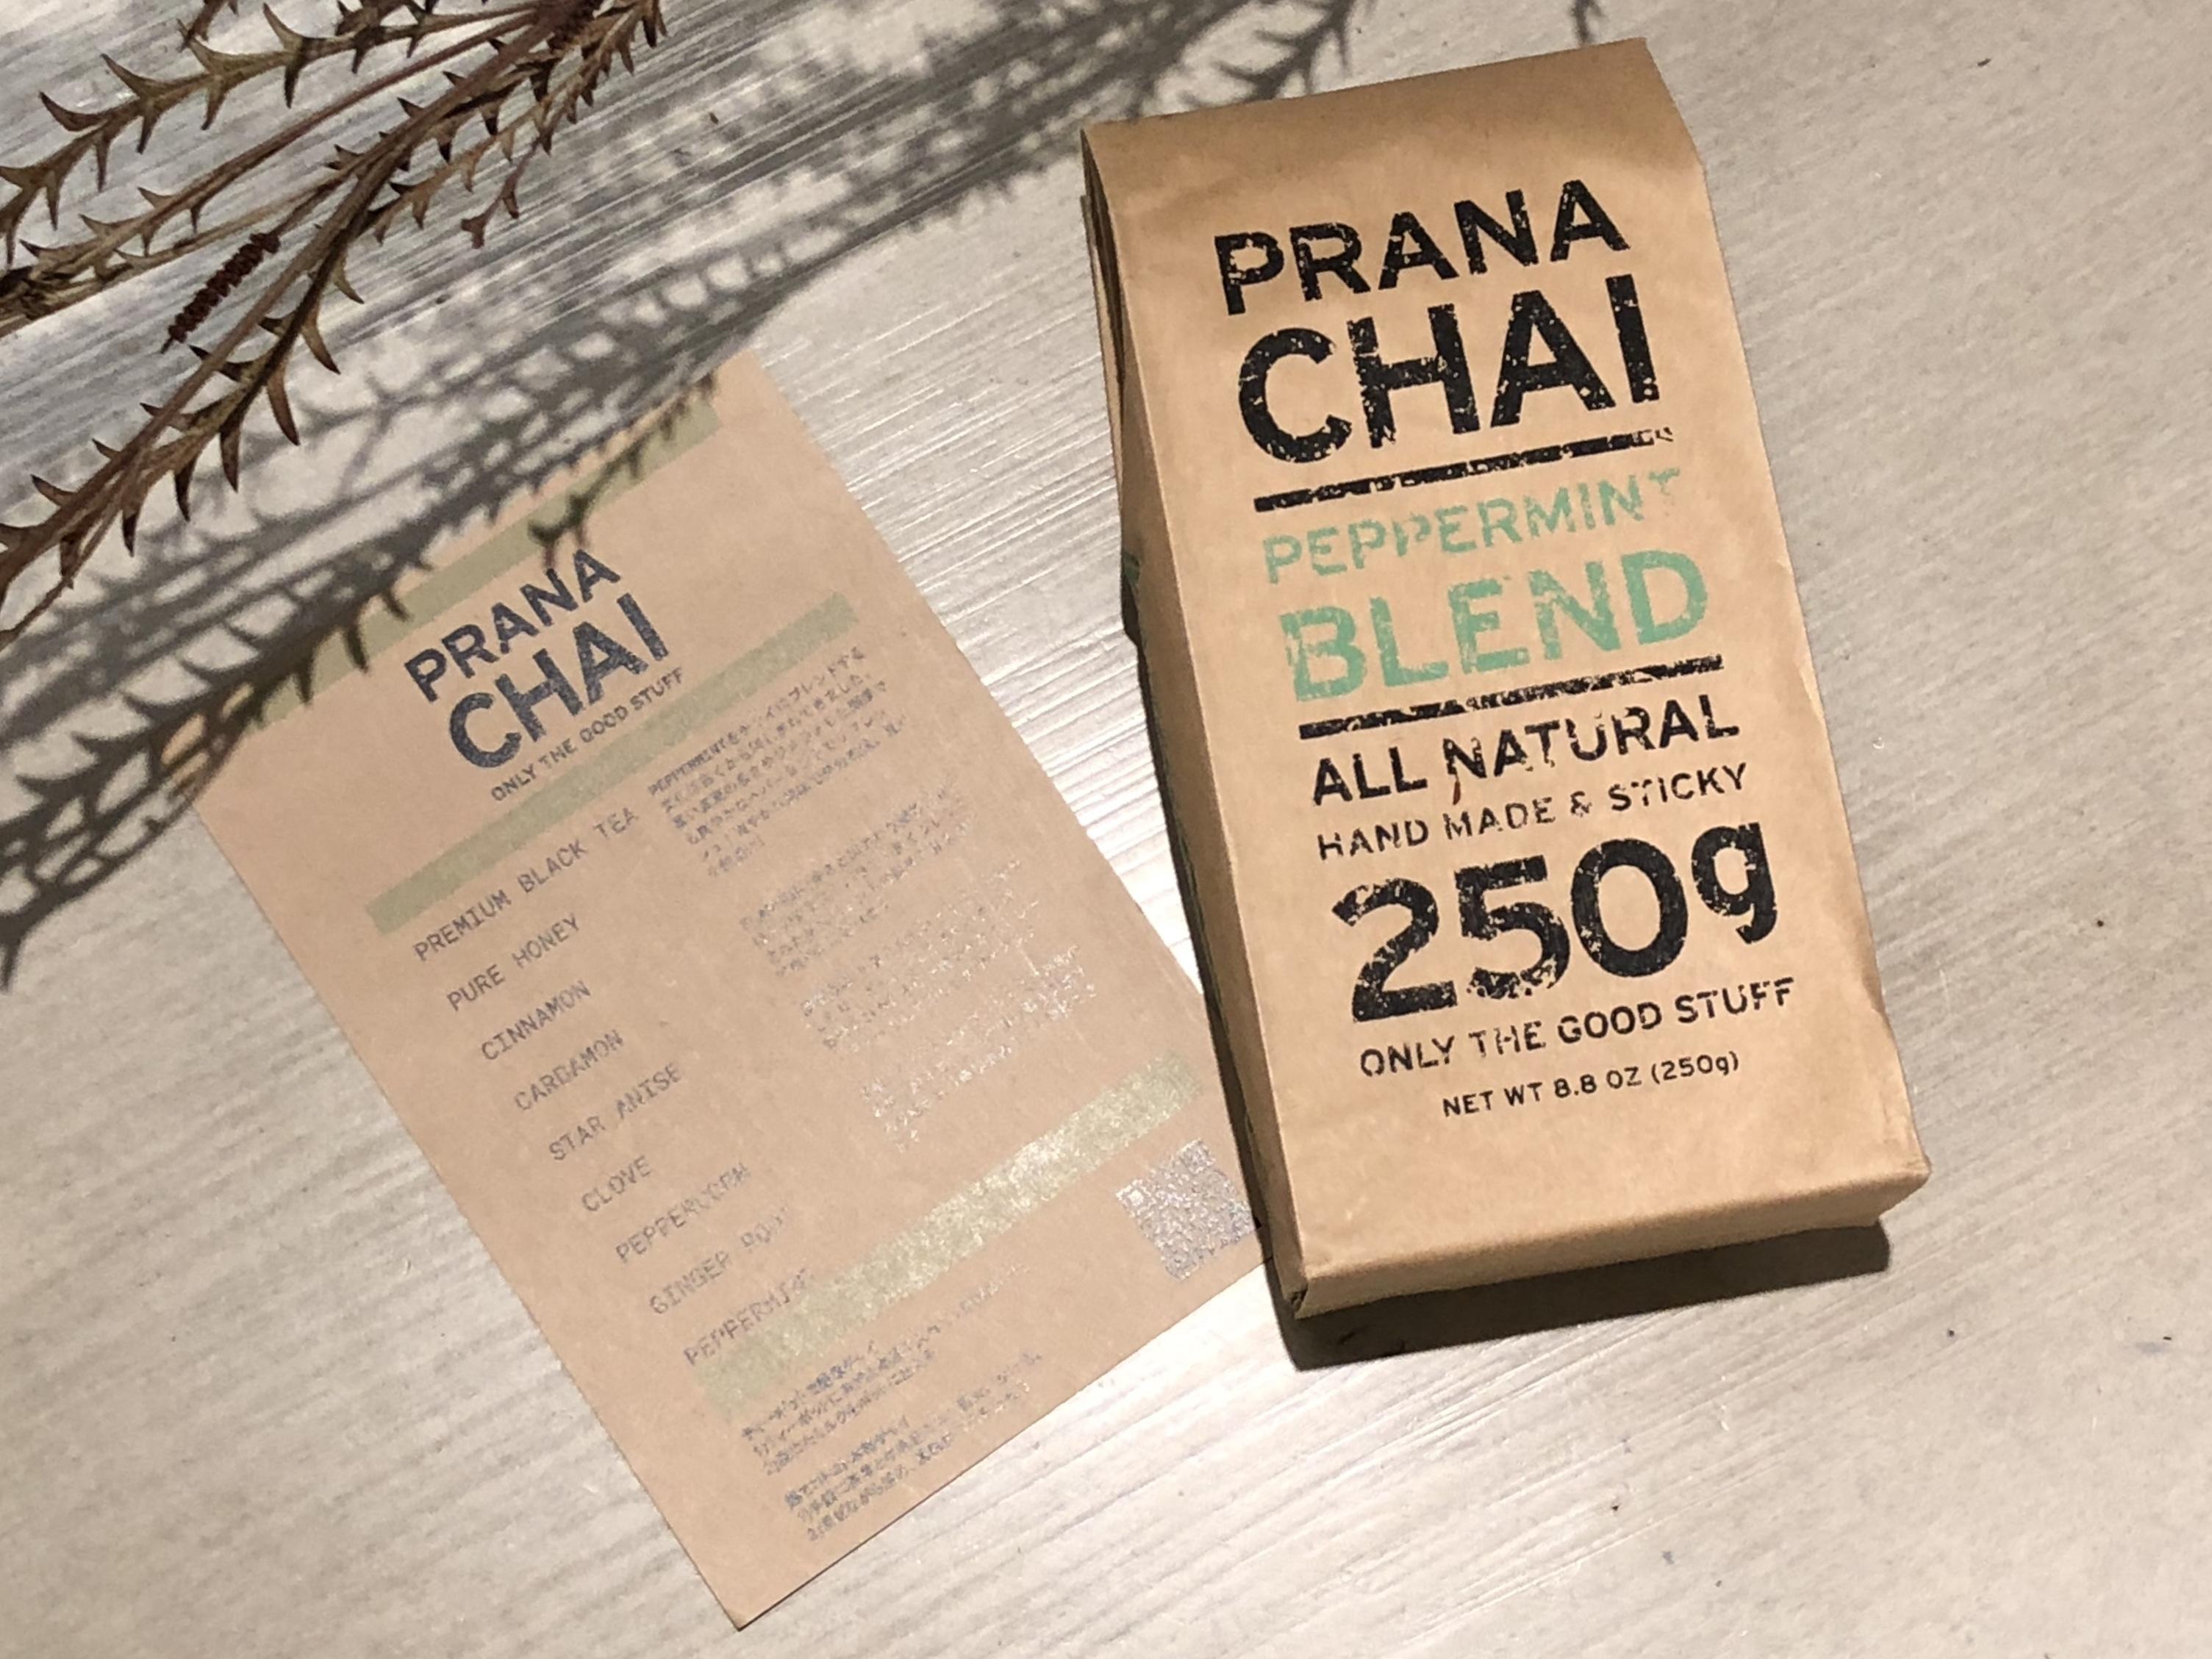 PRANA CHAI プラナチャイ PEPPERMINT BLEND 250g